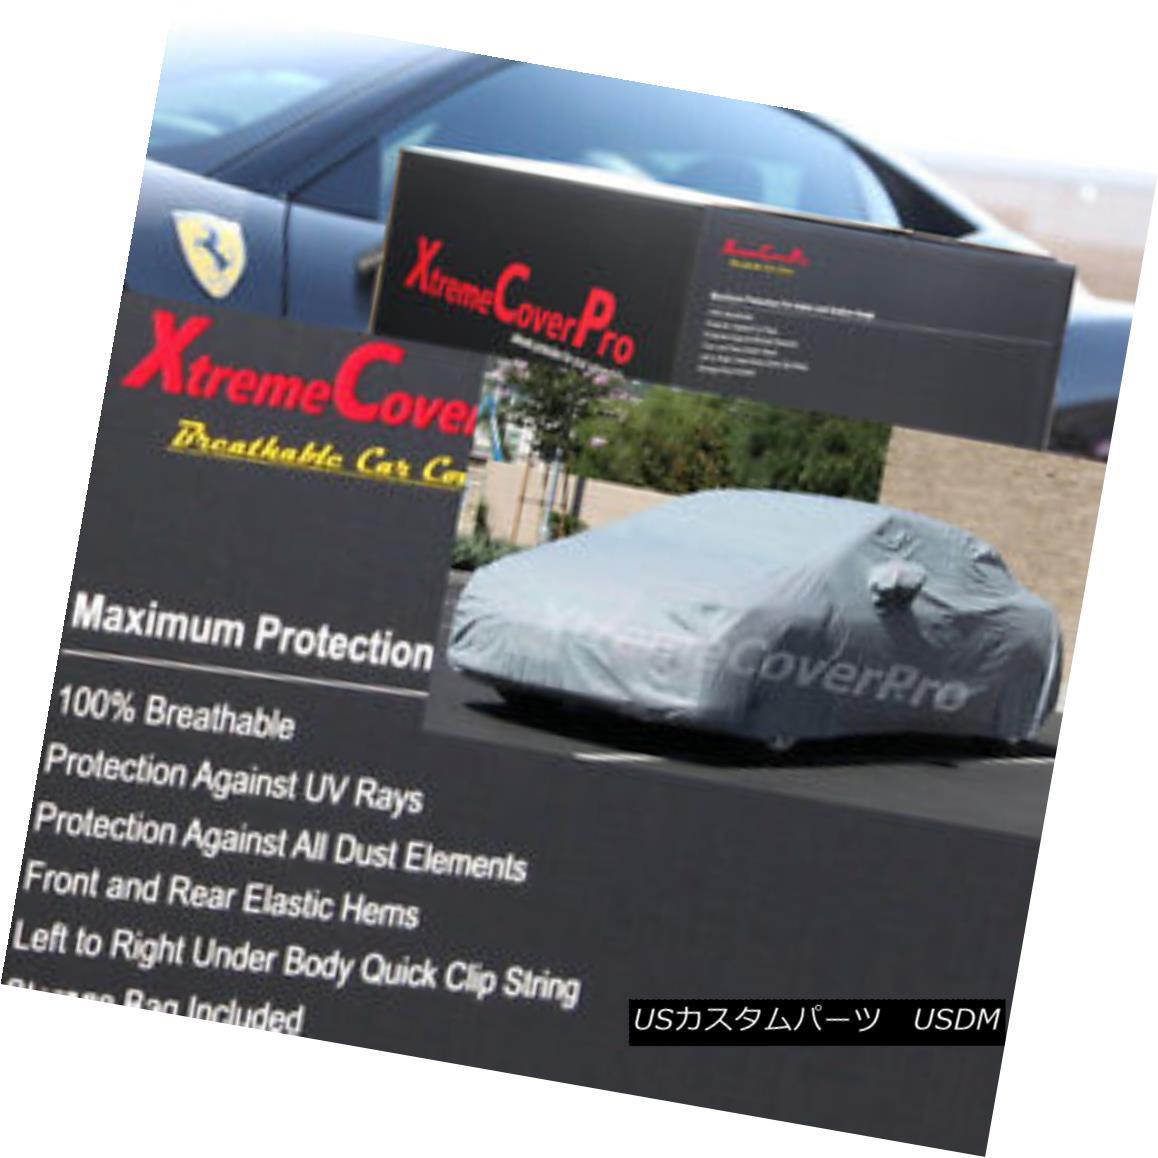 カーカバー 2005 2006 Volkswagen Jetta Breathable Car Cover w/MirrorPocket 2005年2006年Volkswagen Jetta通気性車カバー付き(MirrorPocket)